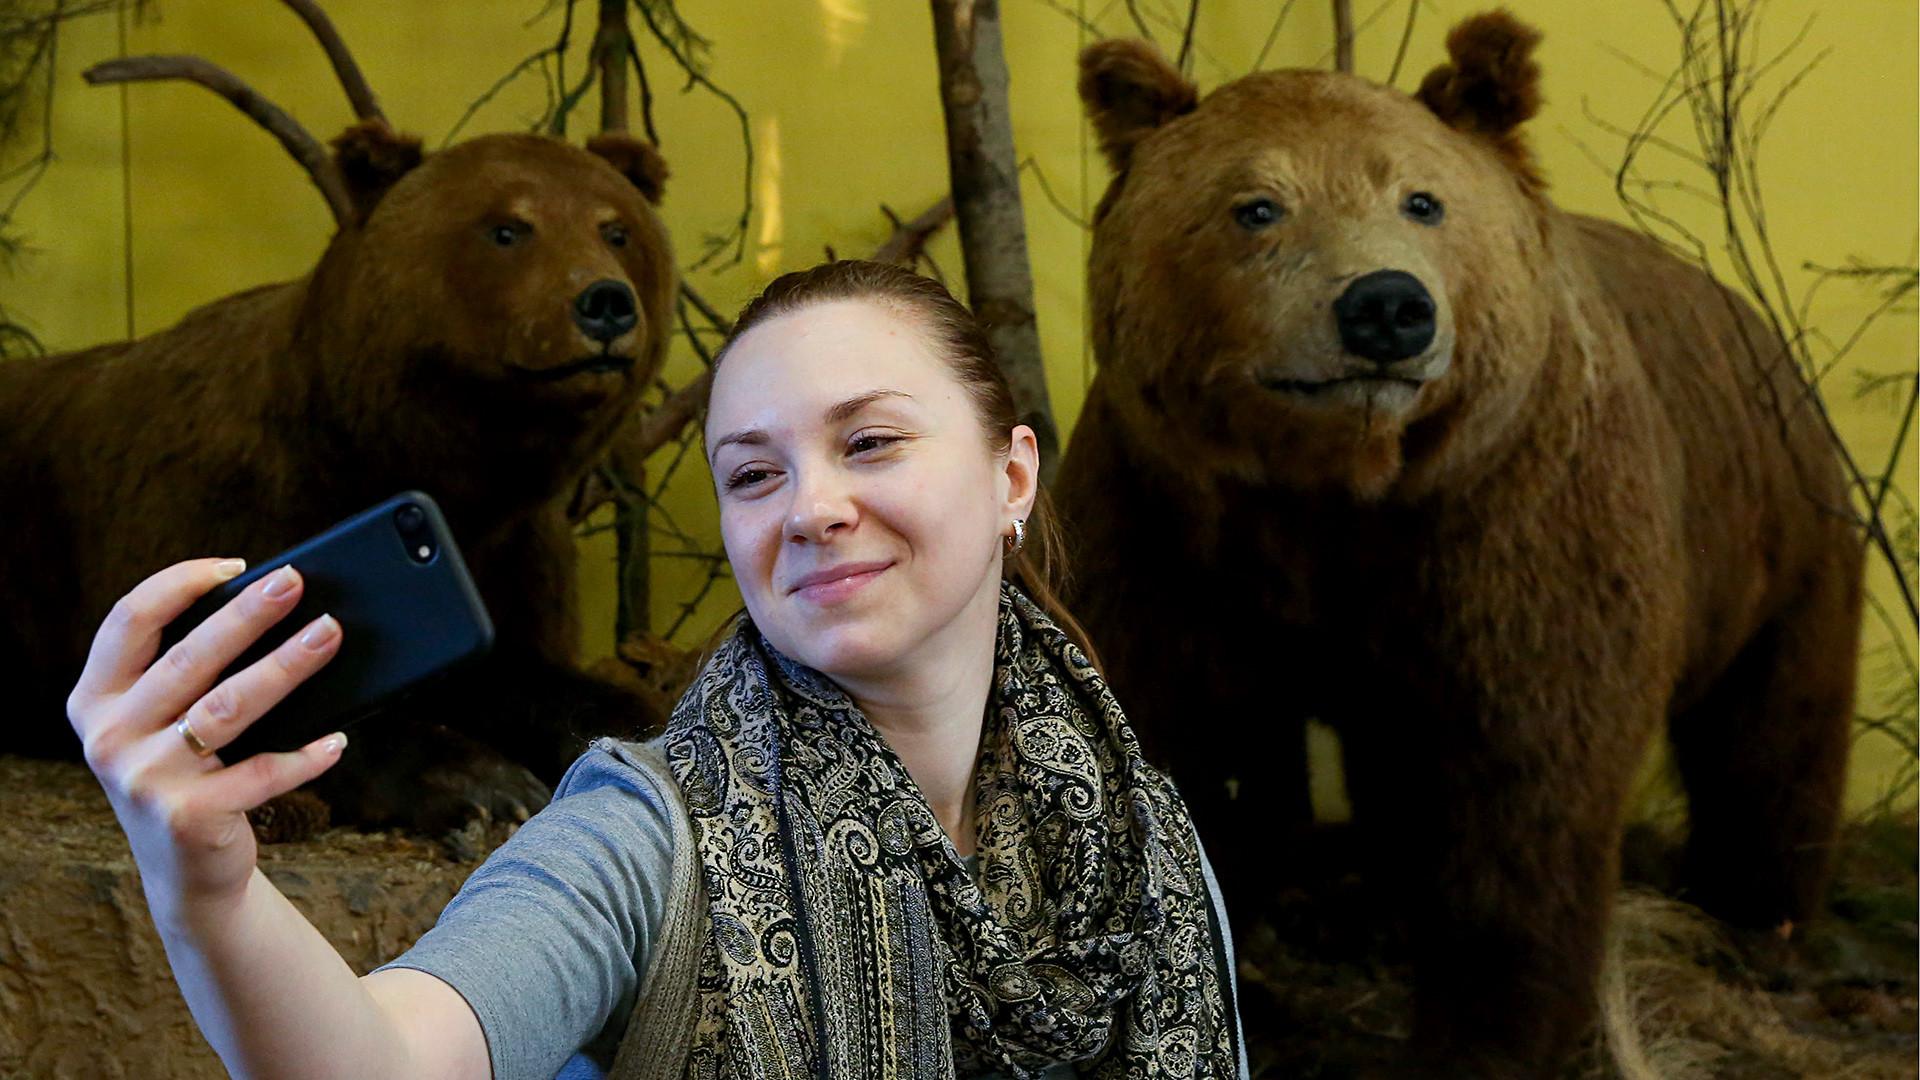 Selfie avec des ours bruns empaillés, au sein du Musée-réserve d'histoire et d'architecture du Kremlin de Riazan.